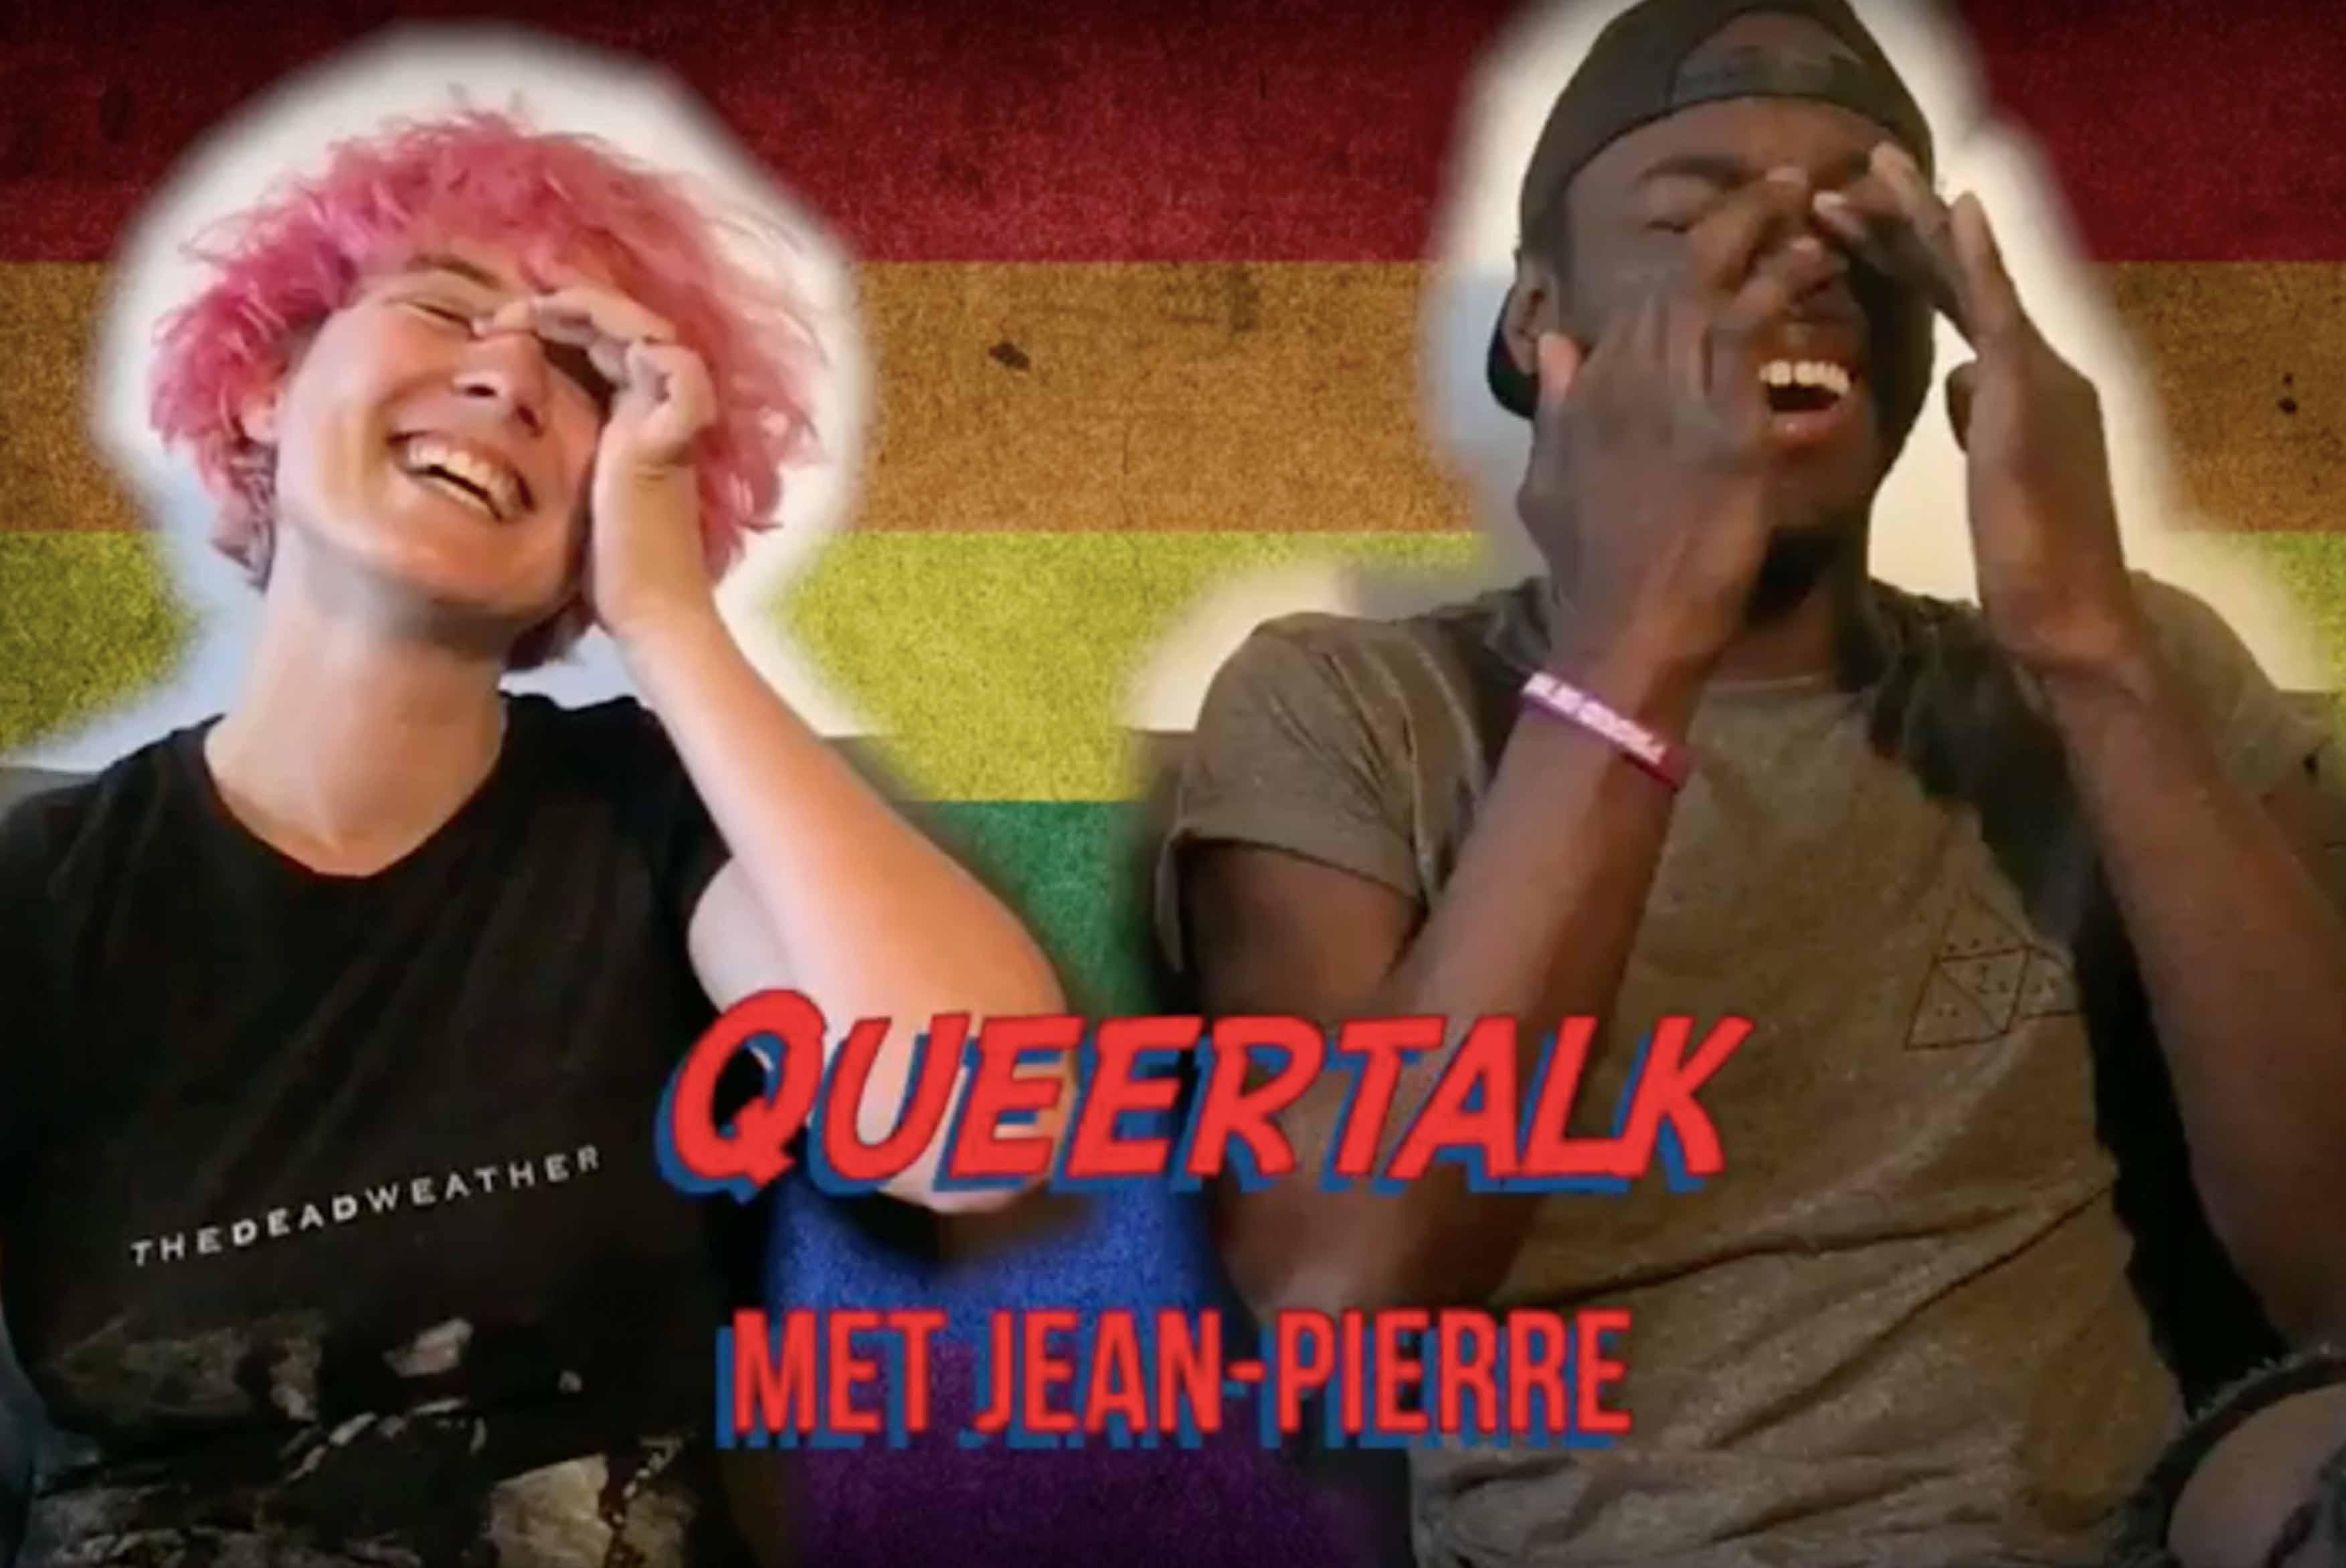 QueerTalk